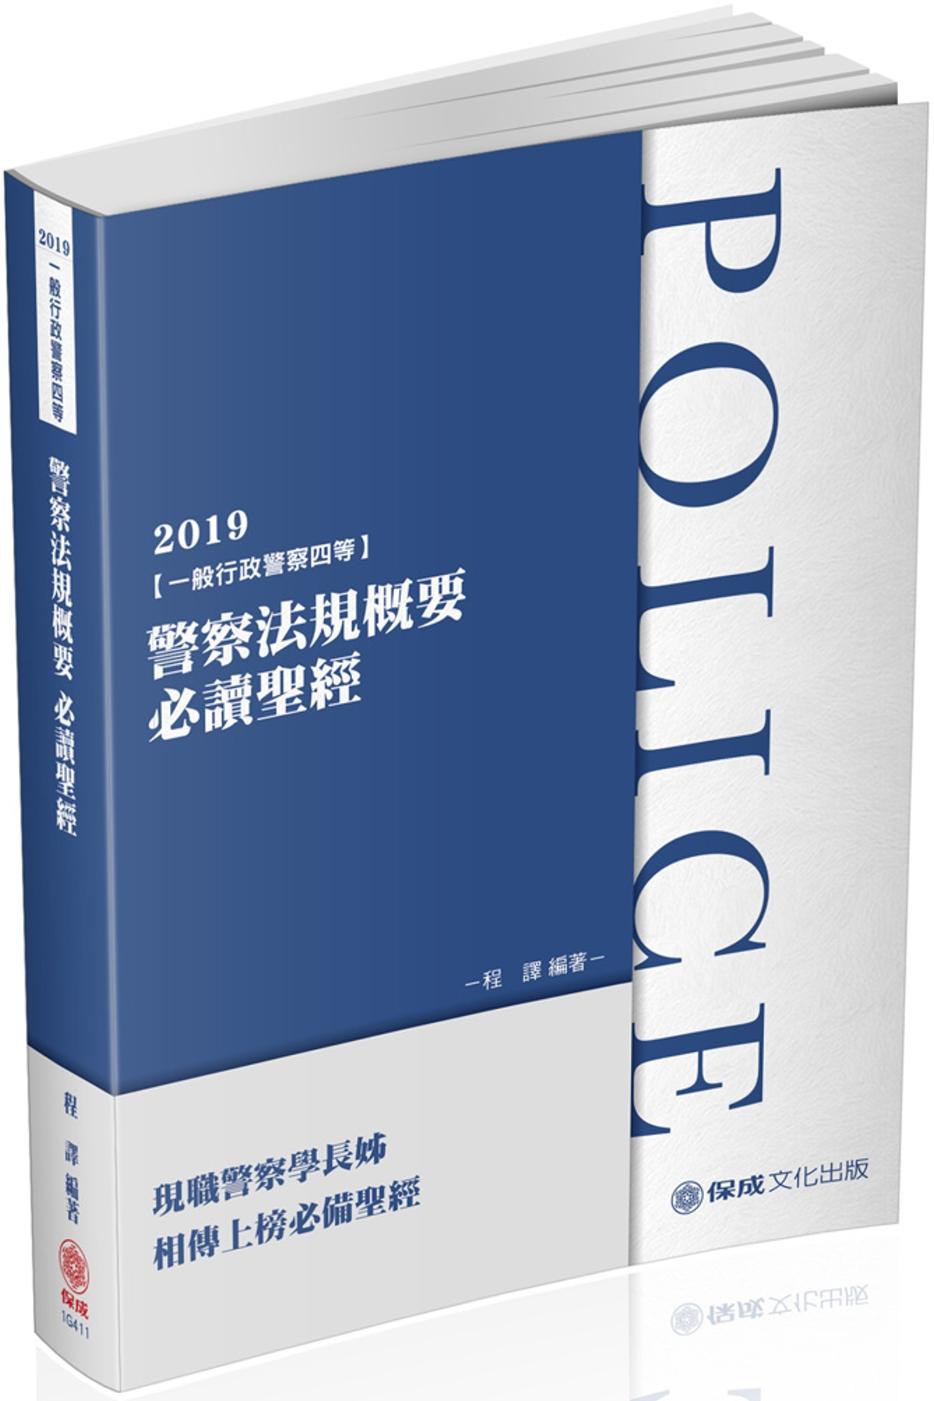 ◤博客來BOOKS◢ 暢銷書榜《推薦》警察法規概要必讀聖經 2019一般警察考試(保成)(二版)